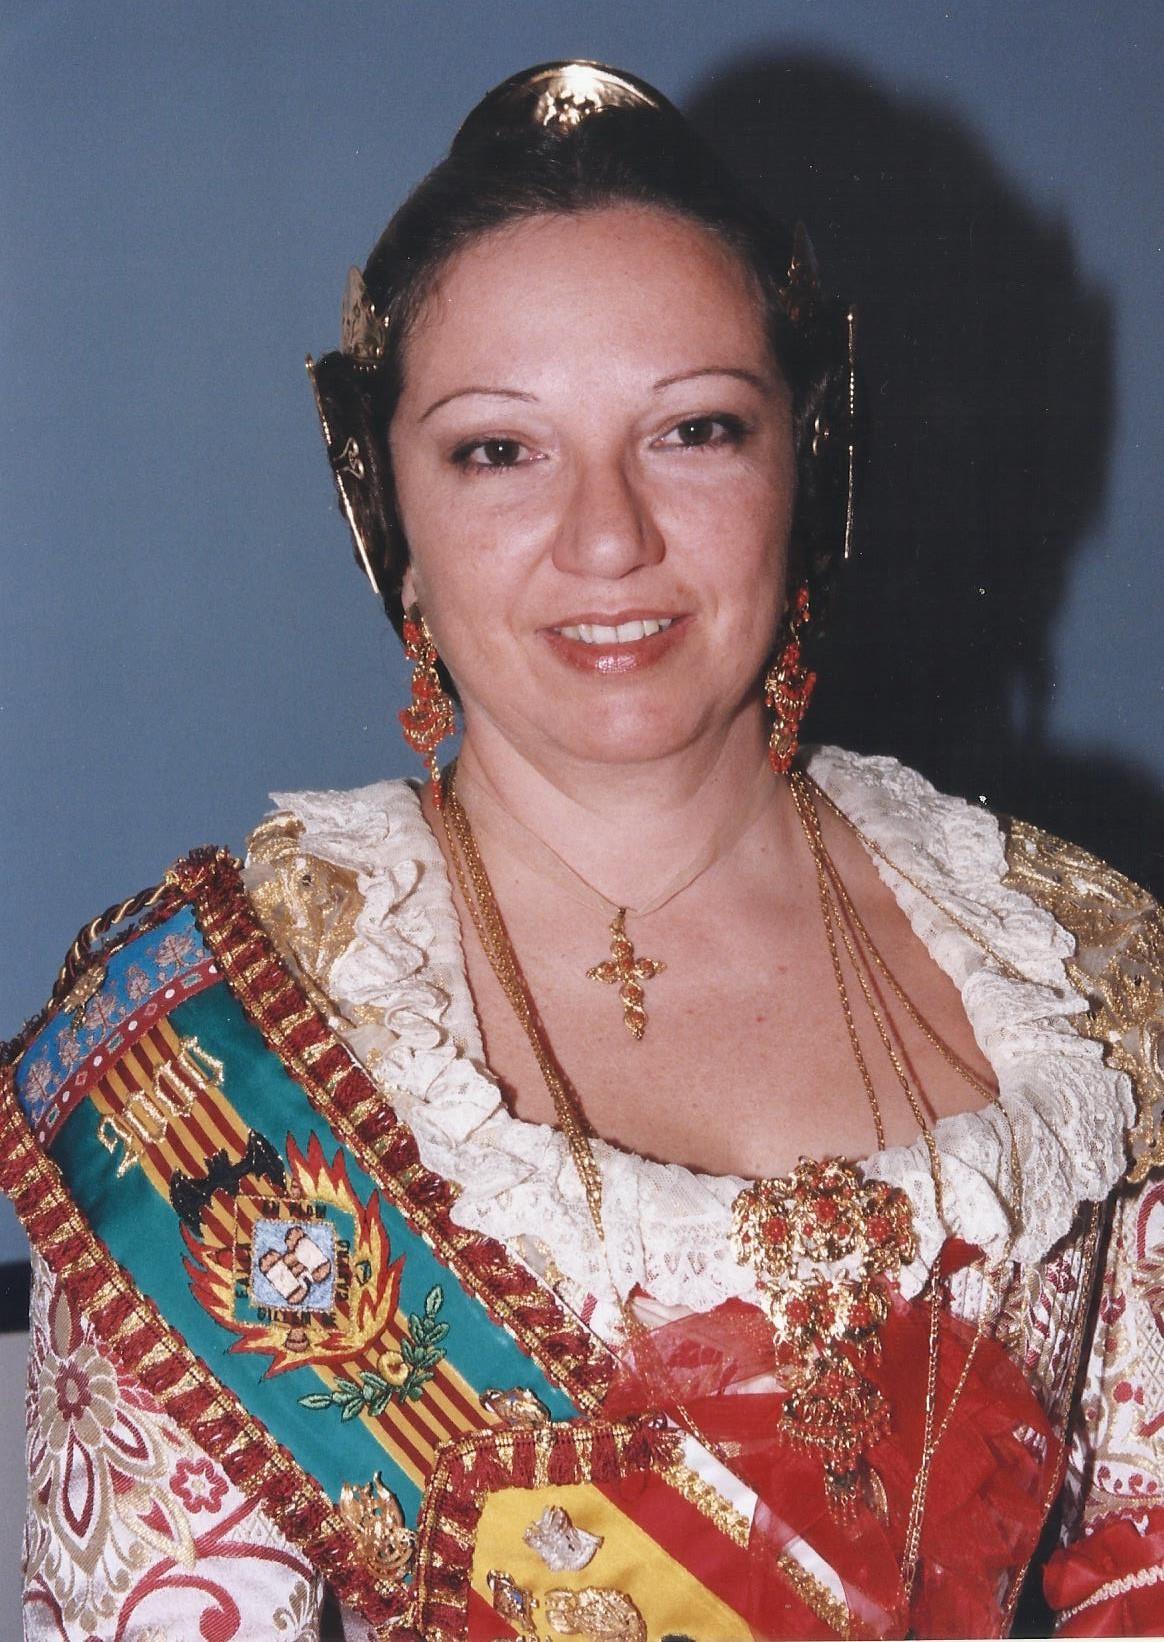 FM Paqui